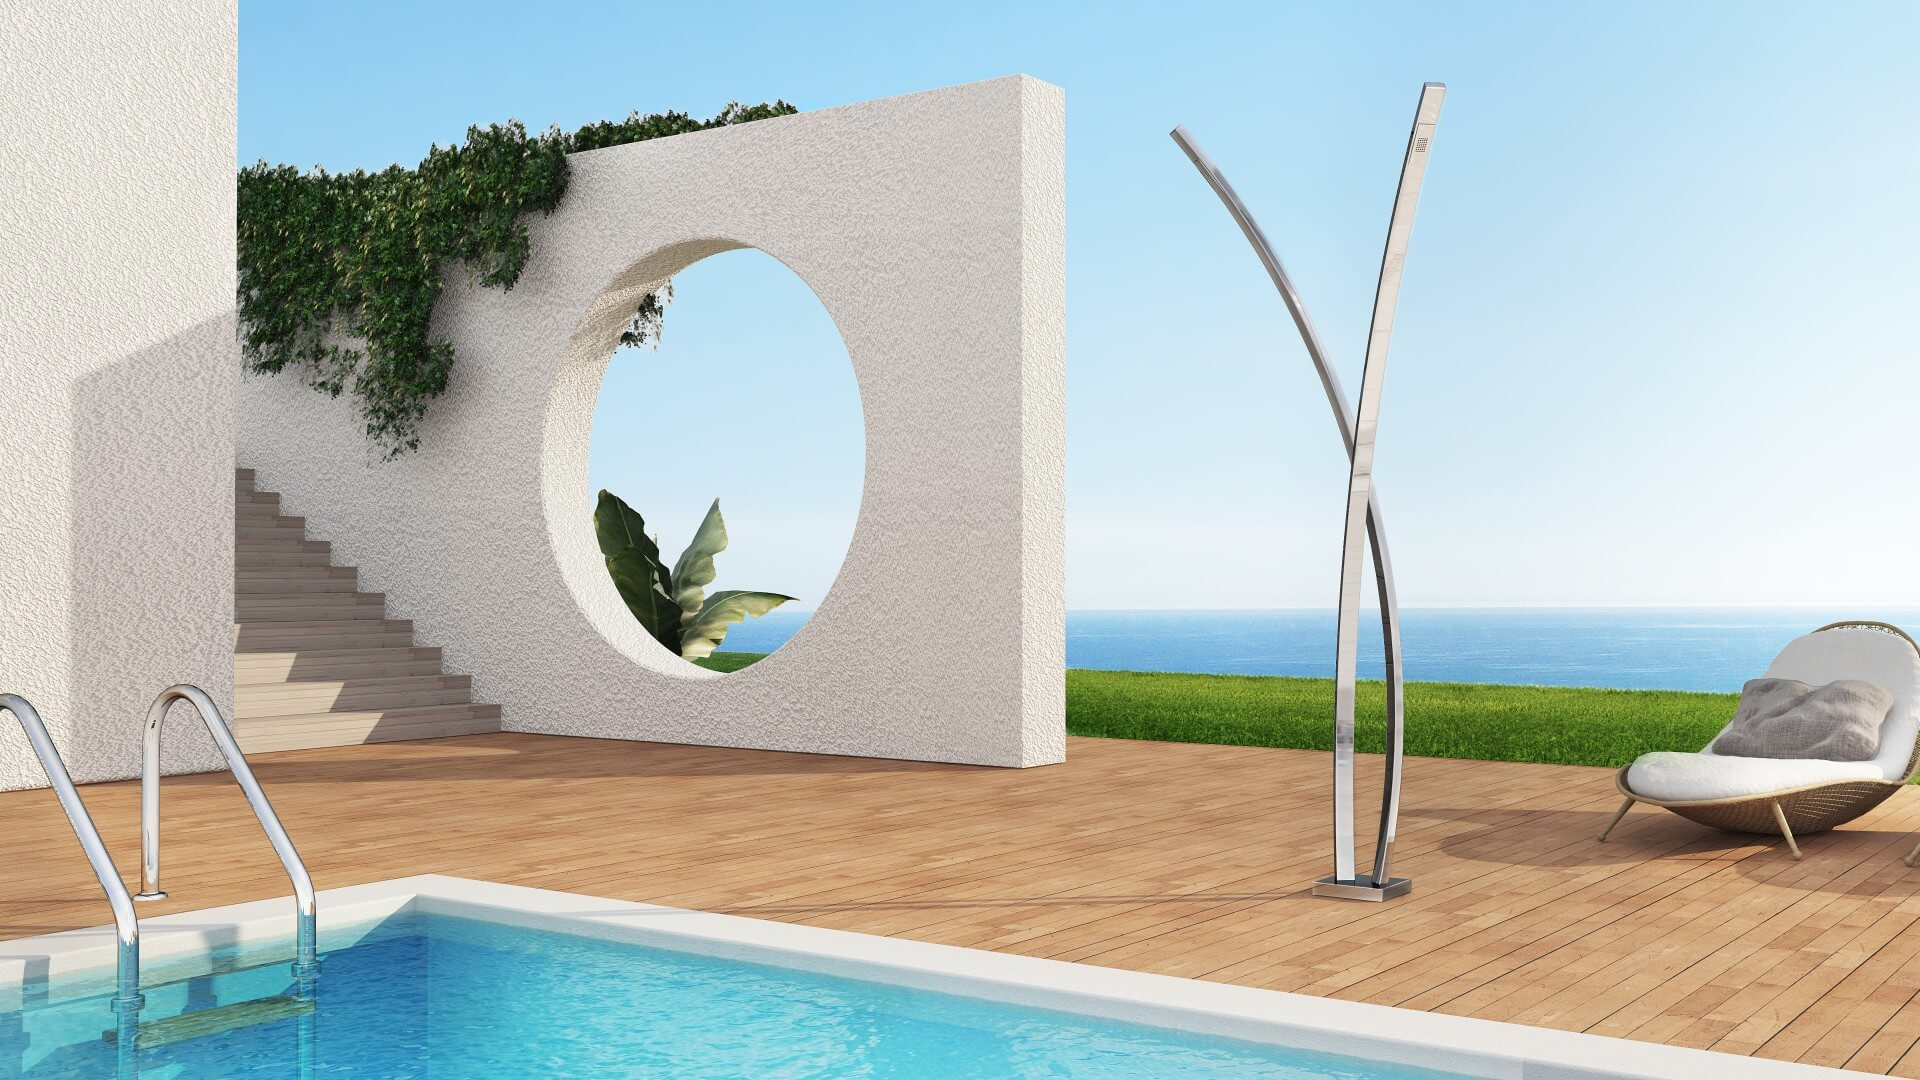 Immagine doccia per esterno, per piscina, per giardino - Preludio Inoxstyle